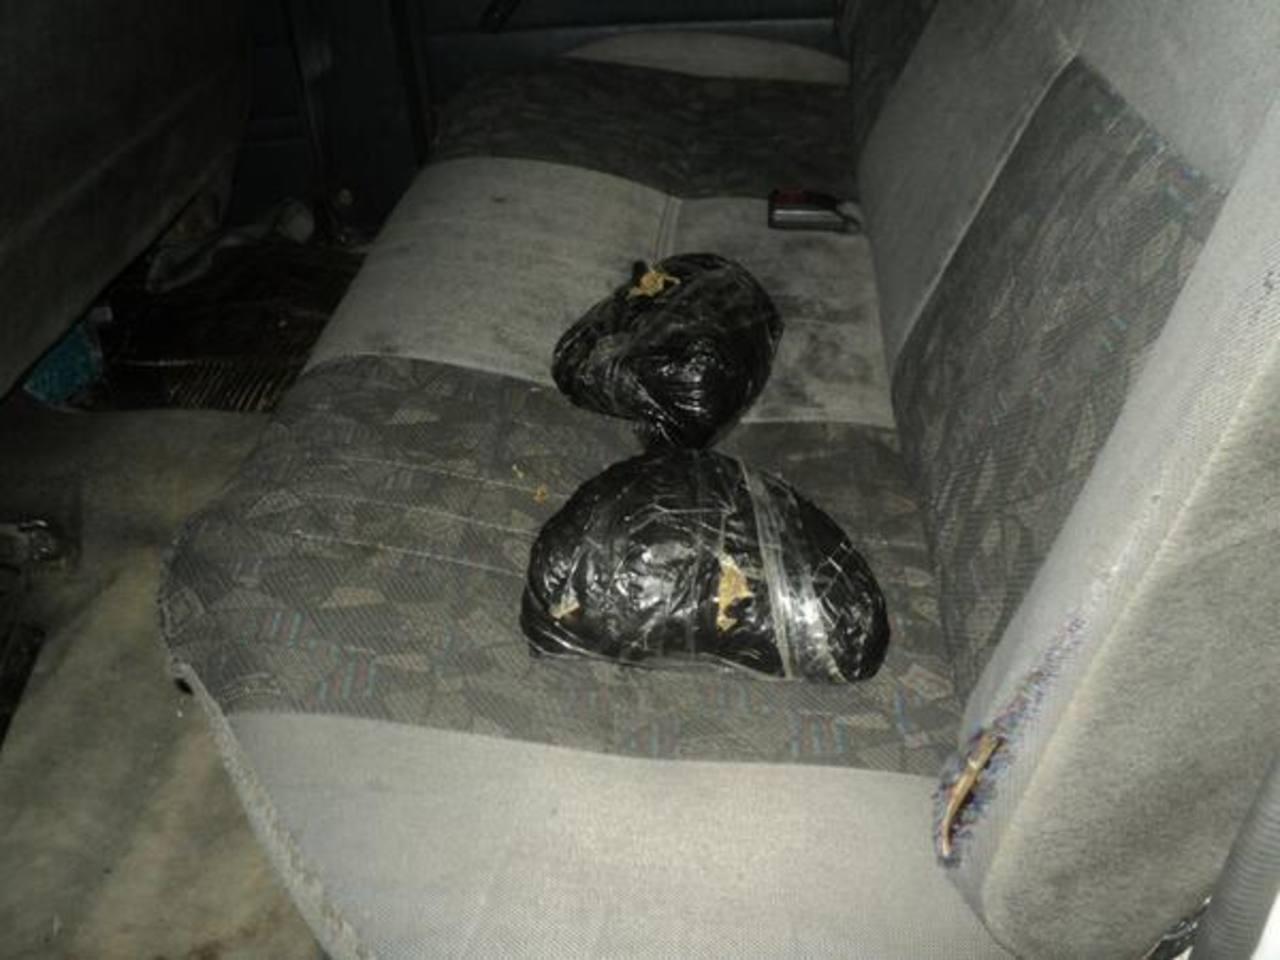 La droga iba empacada en plástico negro y cinta adhesiva. Era llevada en la parte de atrás del carro. Según las autoridades, su peso es de tres libras y en la prueba de campo dio marihuana.